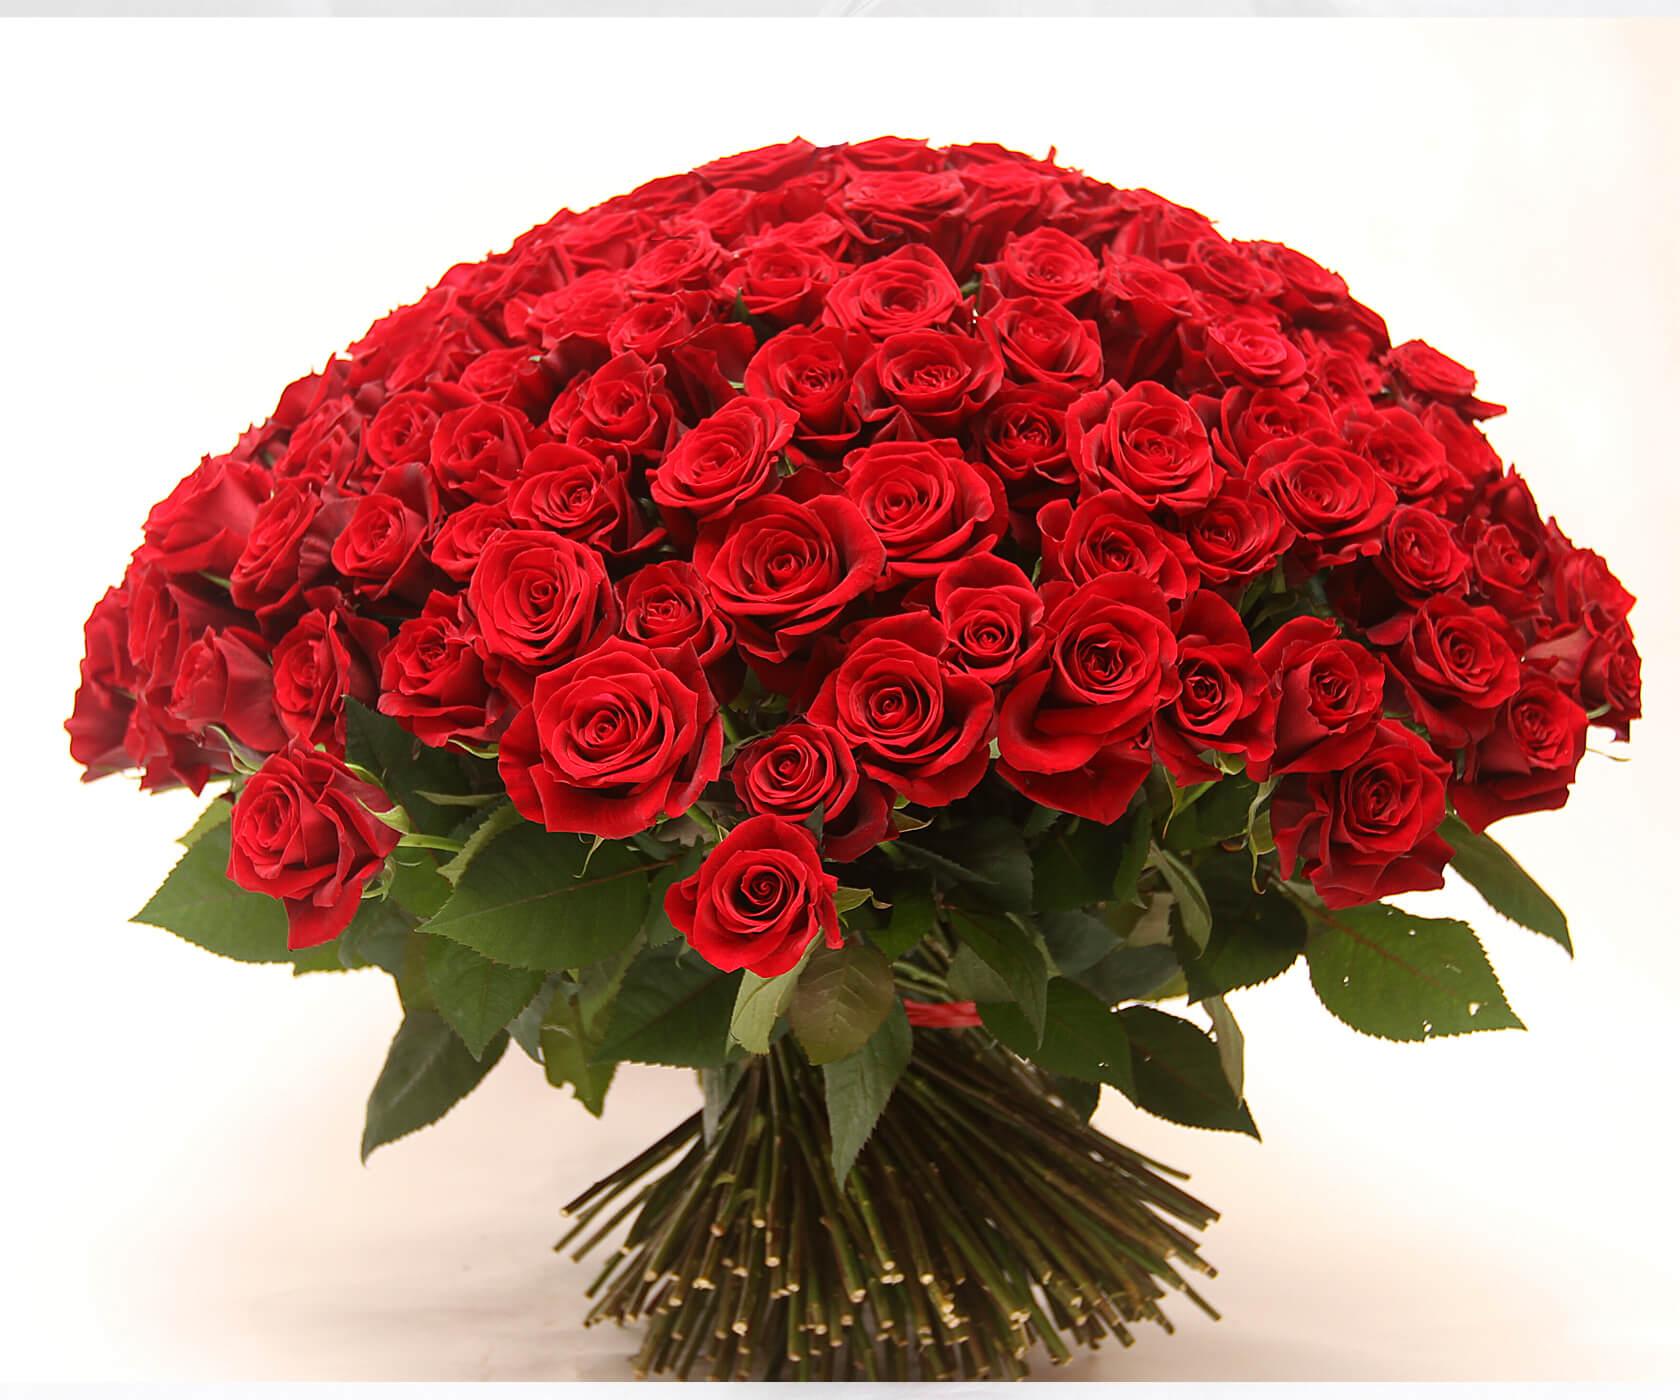 Букет алых роз фото с днем рождения